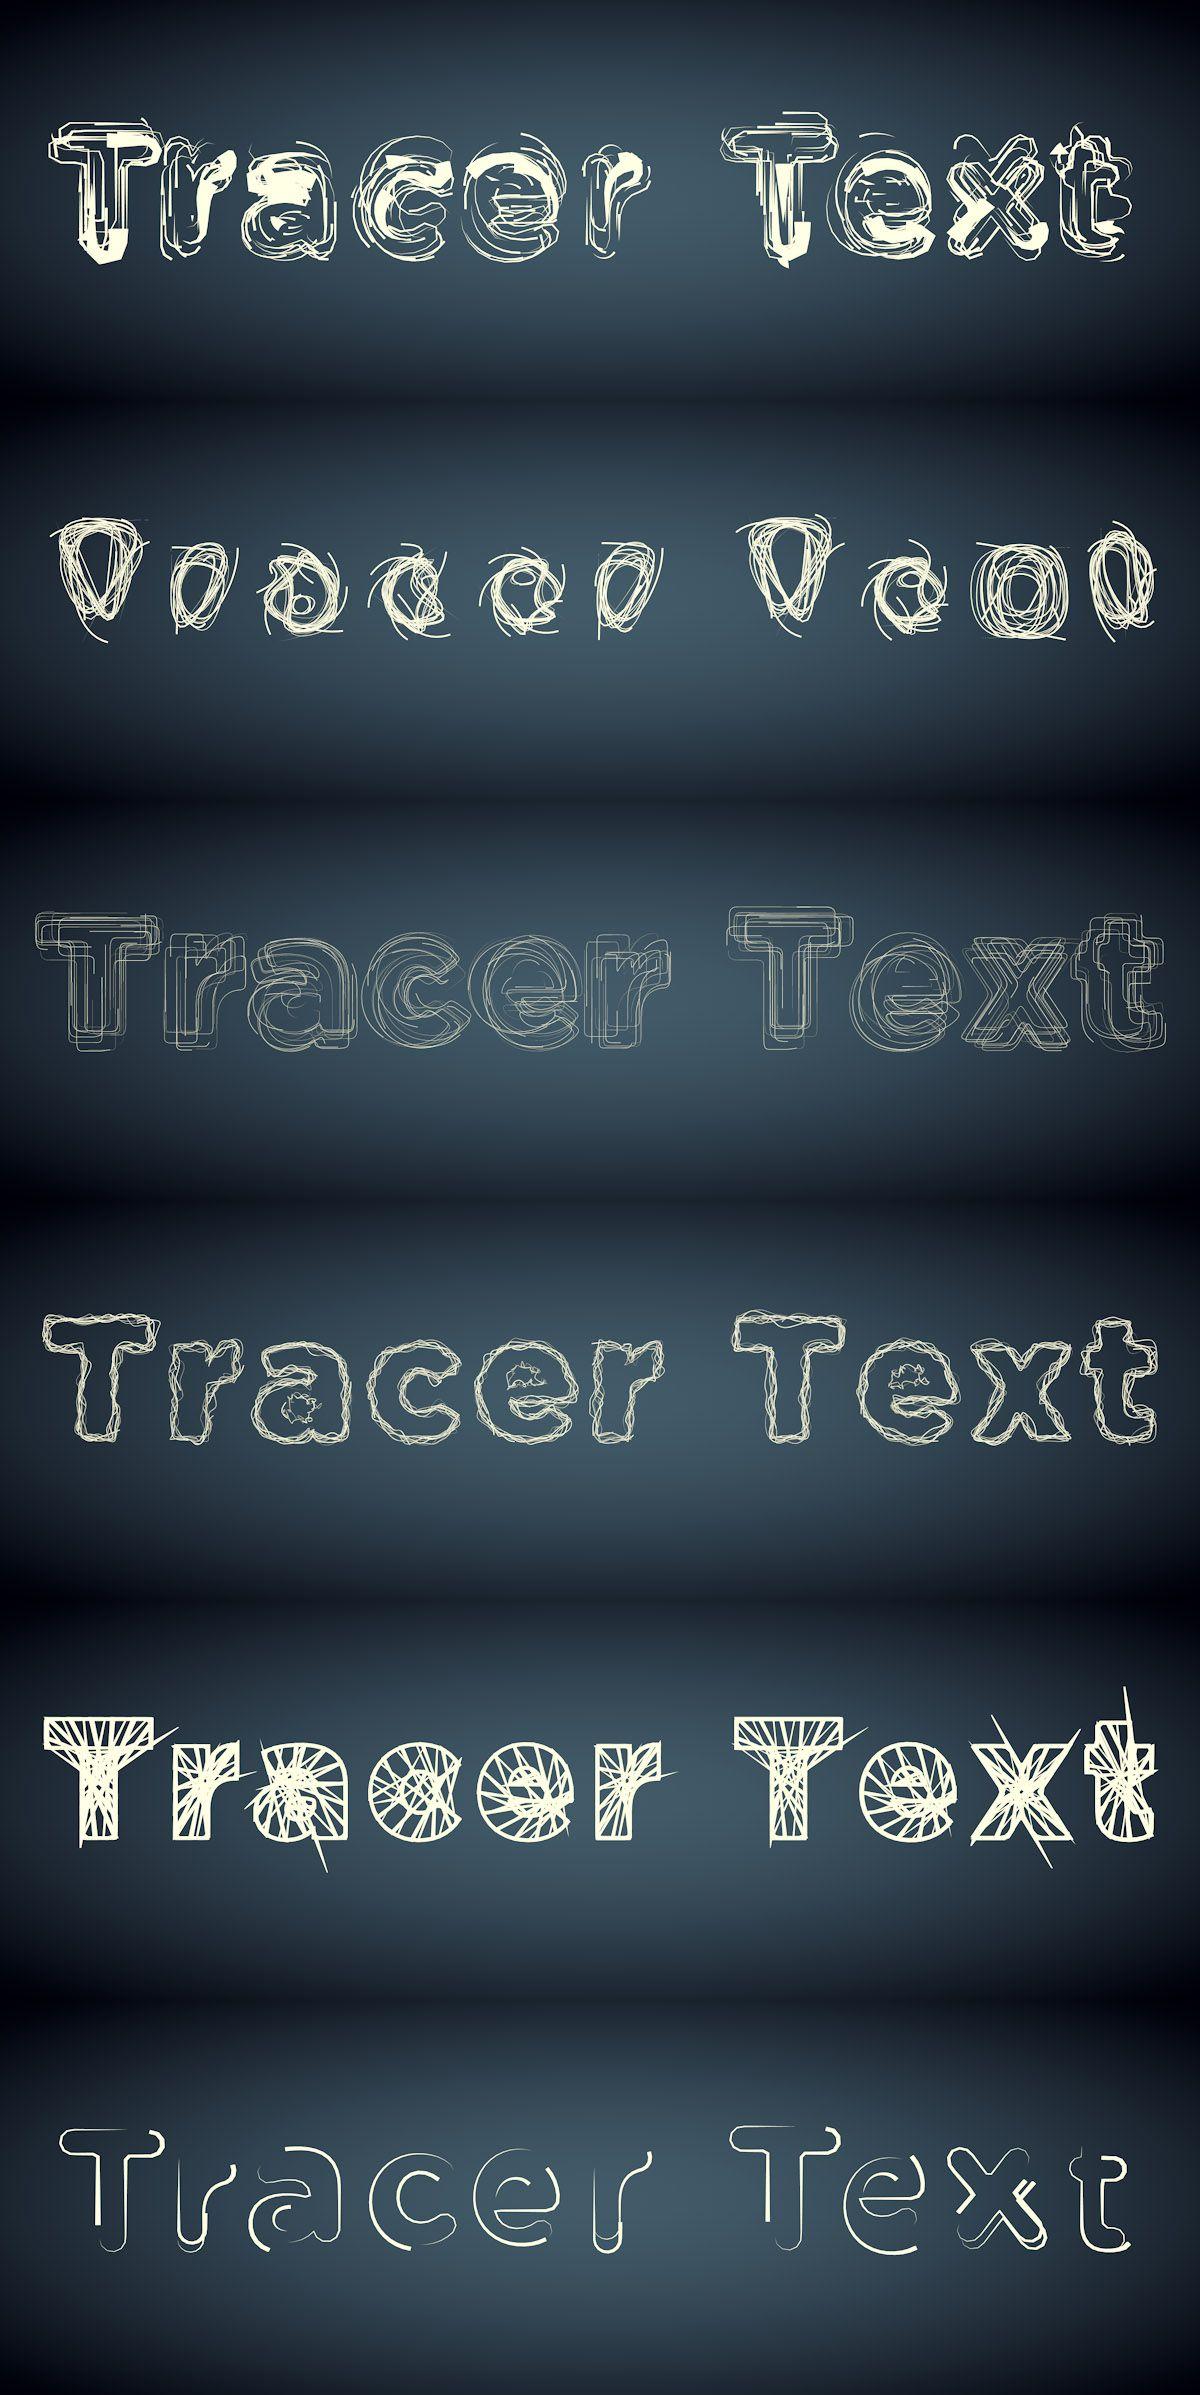 TracerText